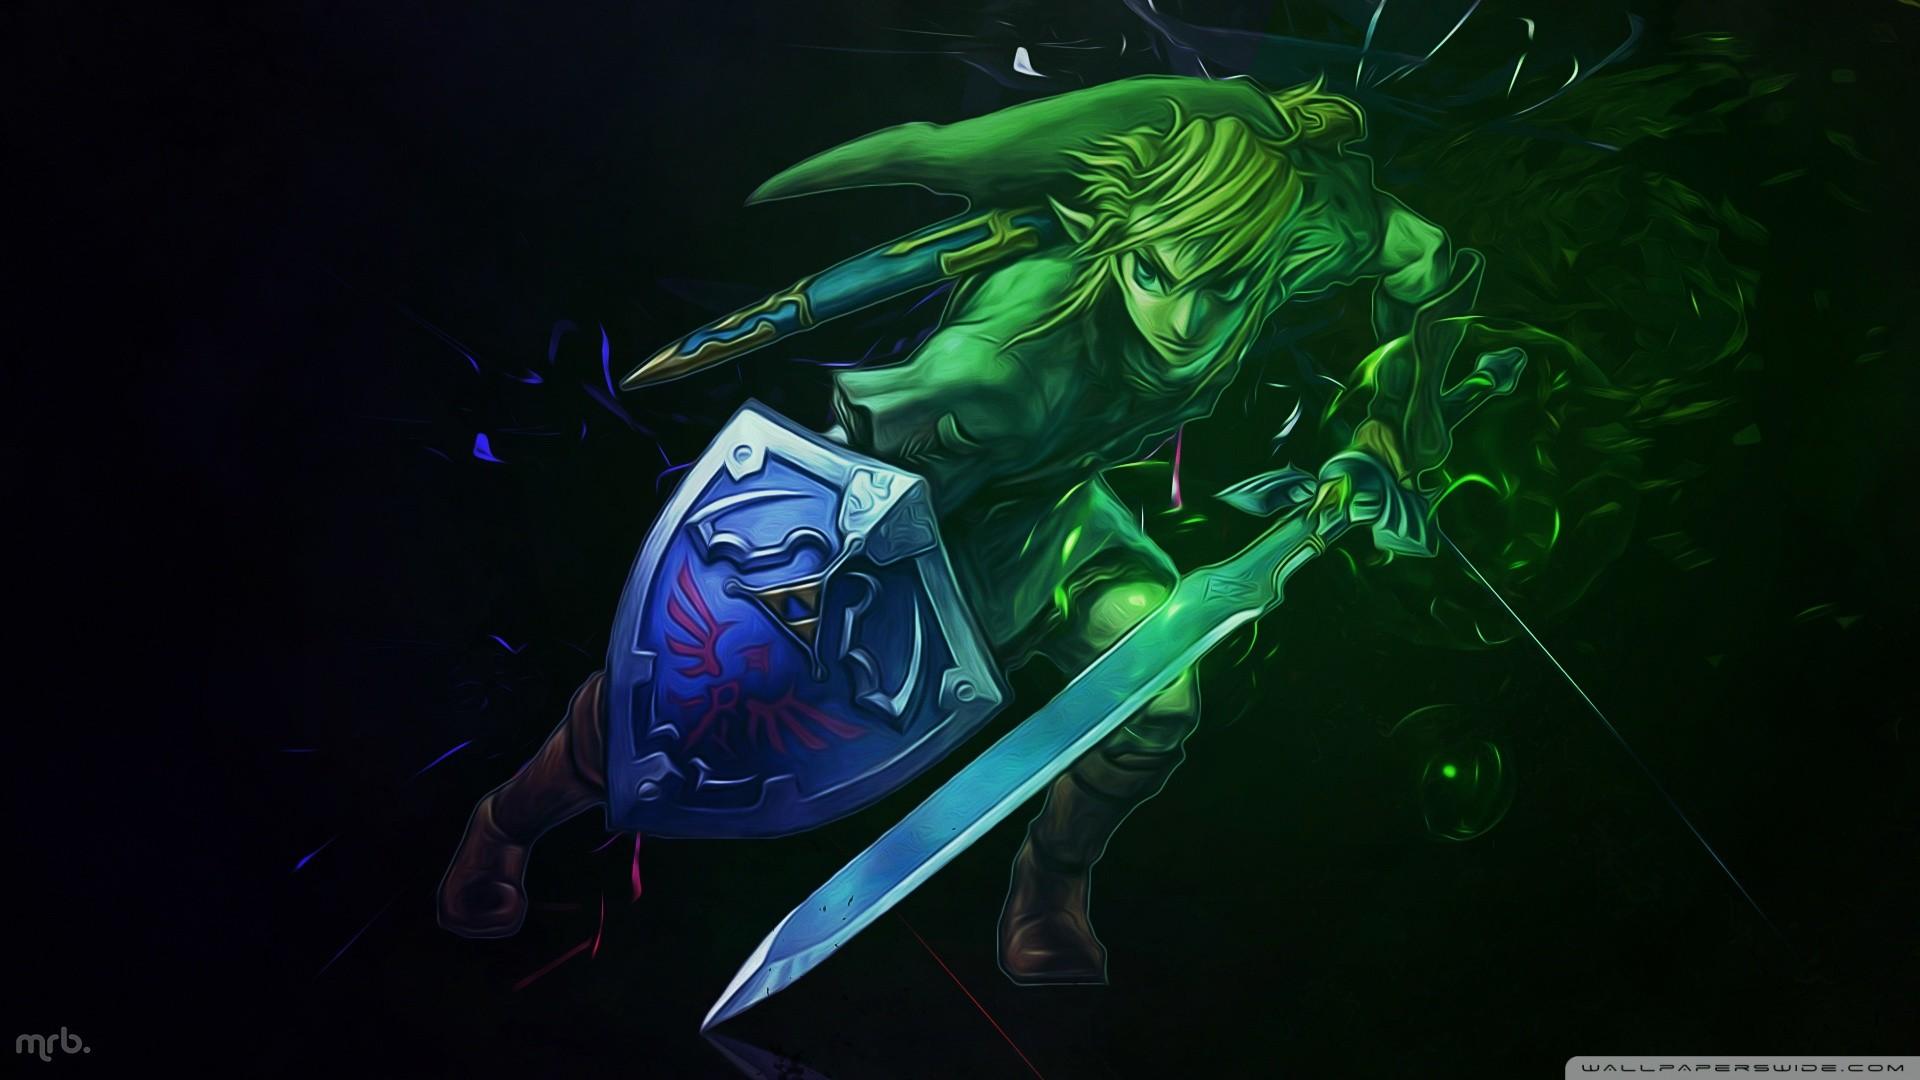 1080p Zelda Wallpaper (74+ images)